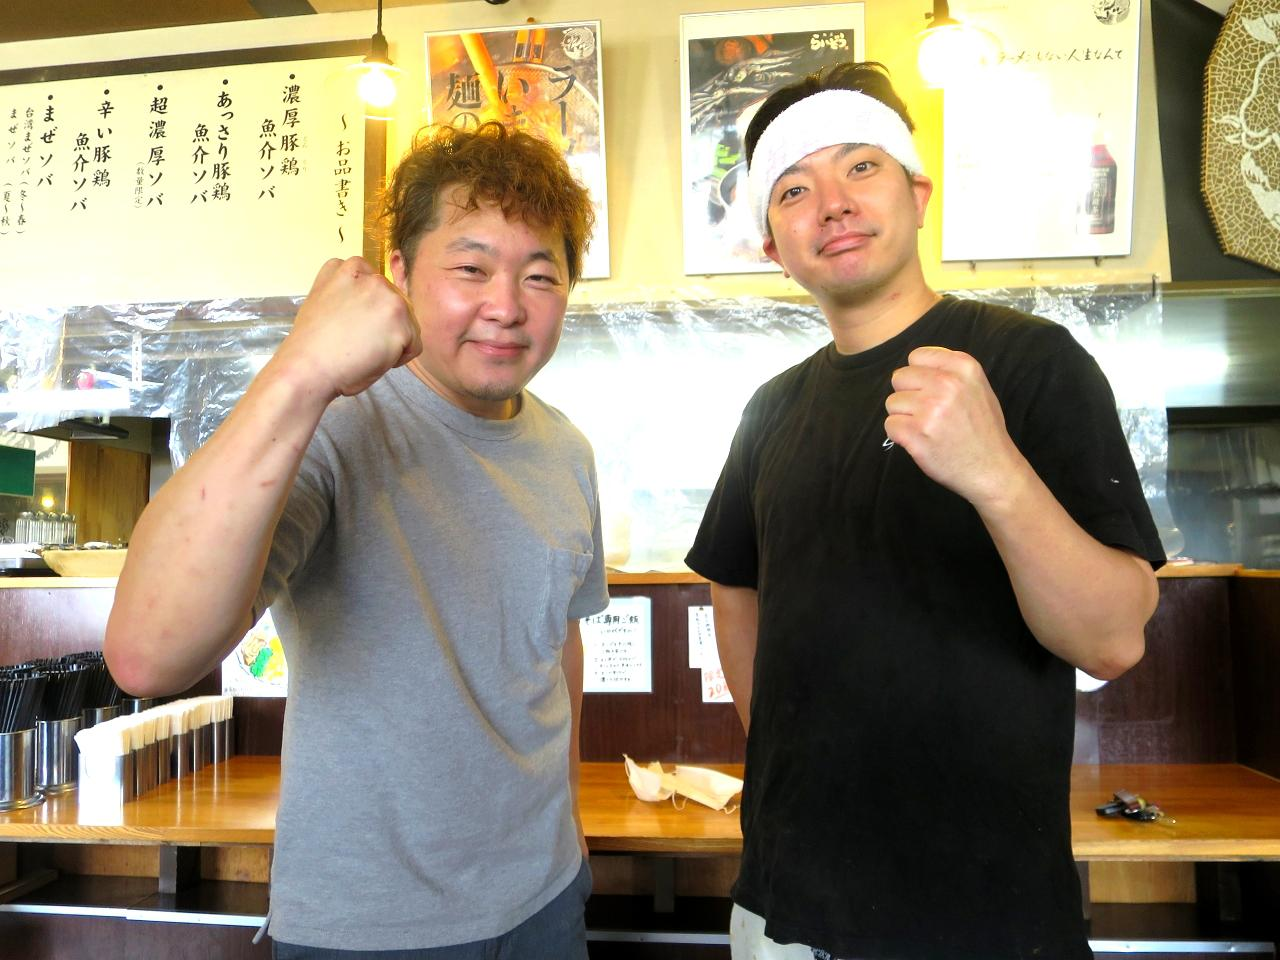 画像: 職人気質で常にラーメン作りに真剣な三上玲(左)さんと「麺屋らいぞう」店長の福士雄太さん